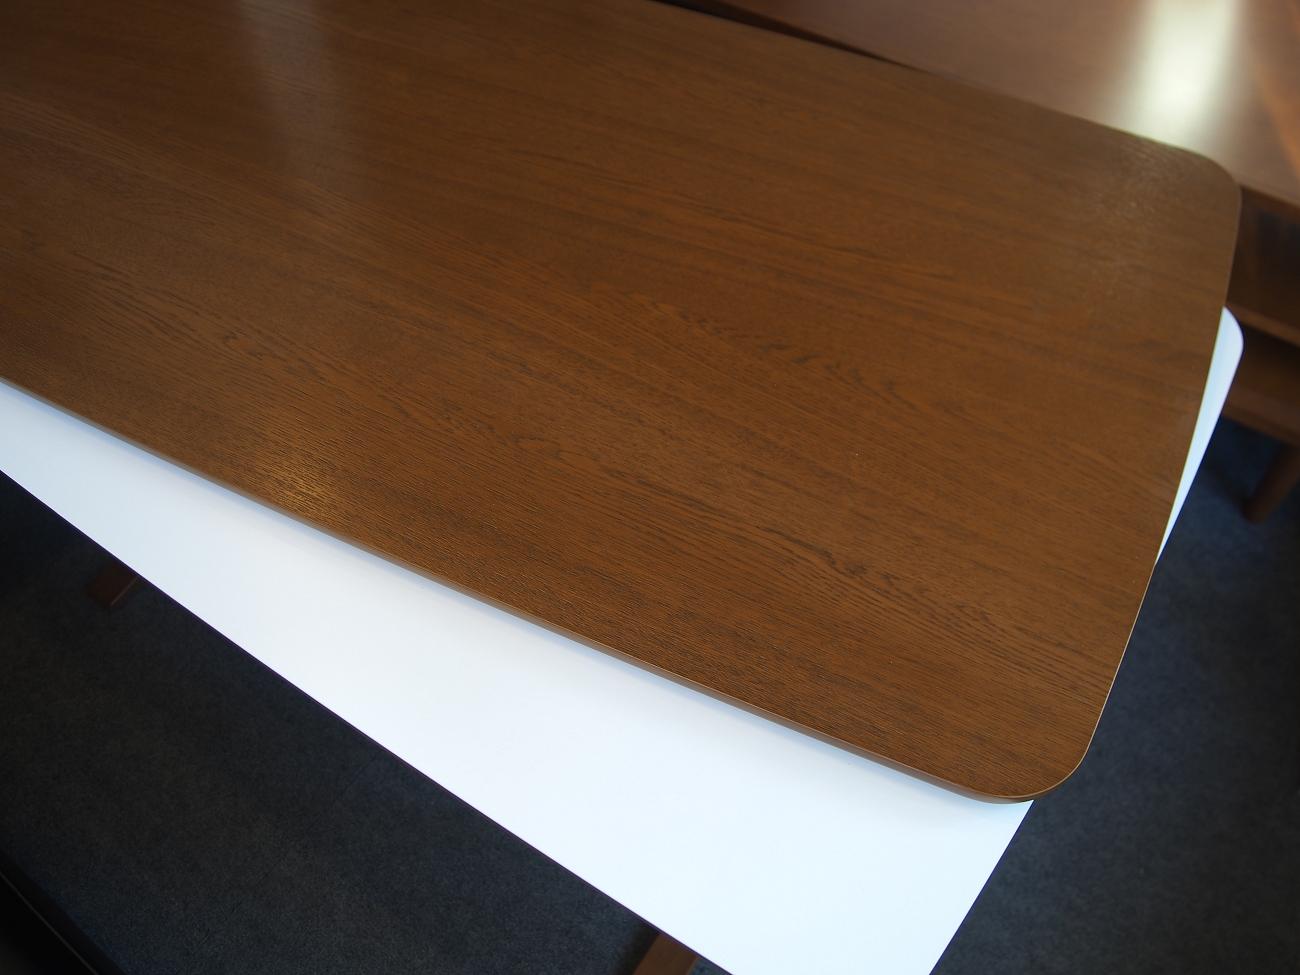 カリモク60+ カフェテーブルW1200 天板オーク突板 (横幅1180mmです)